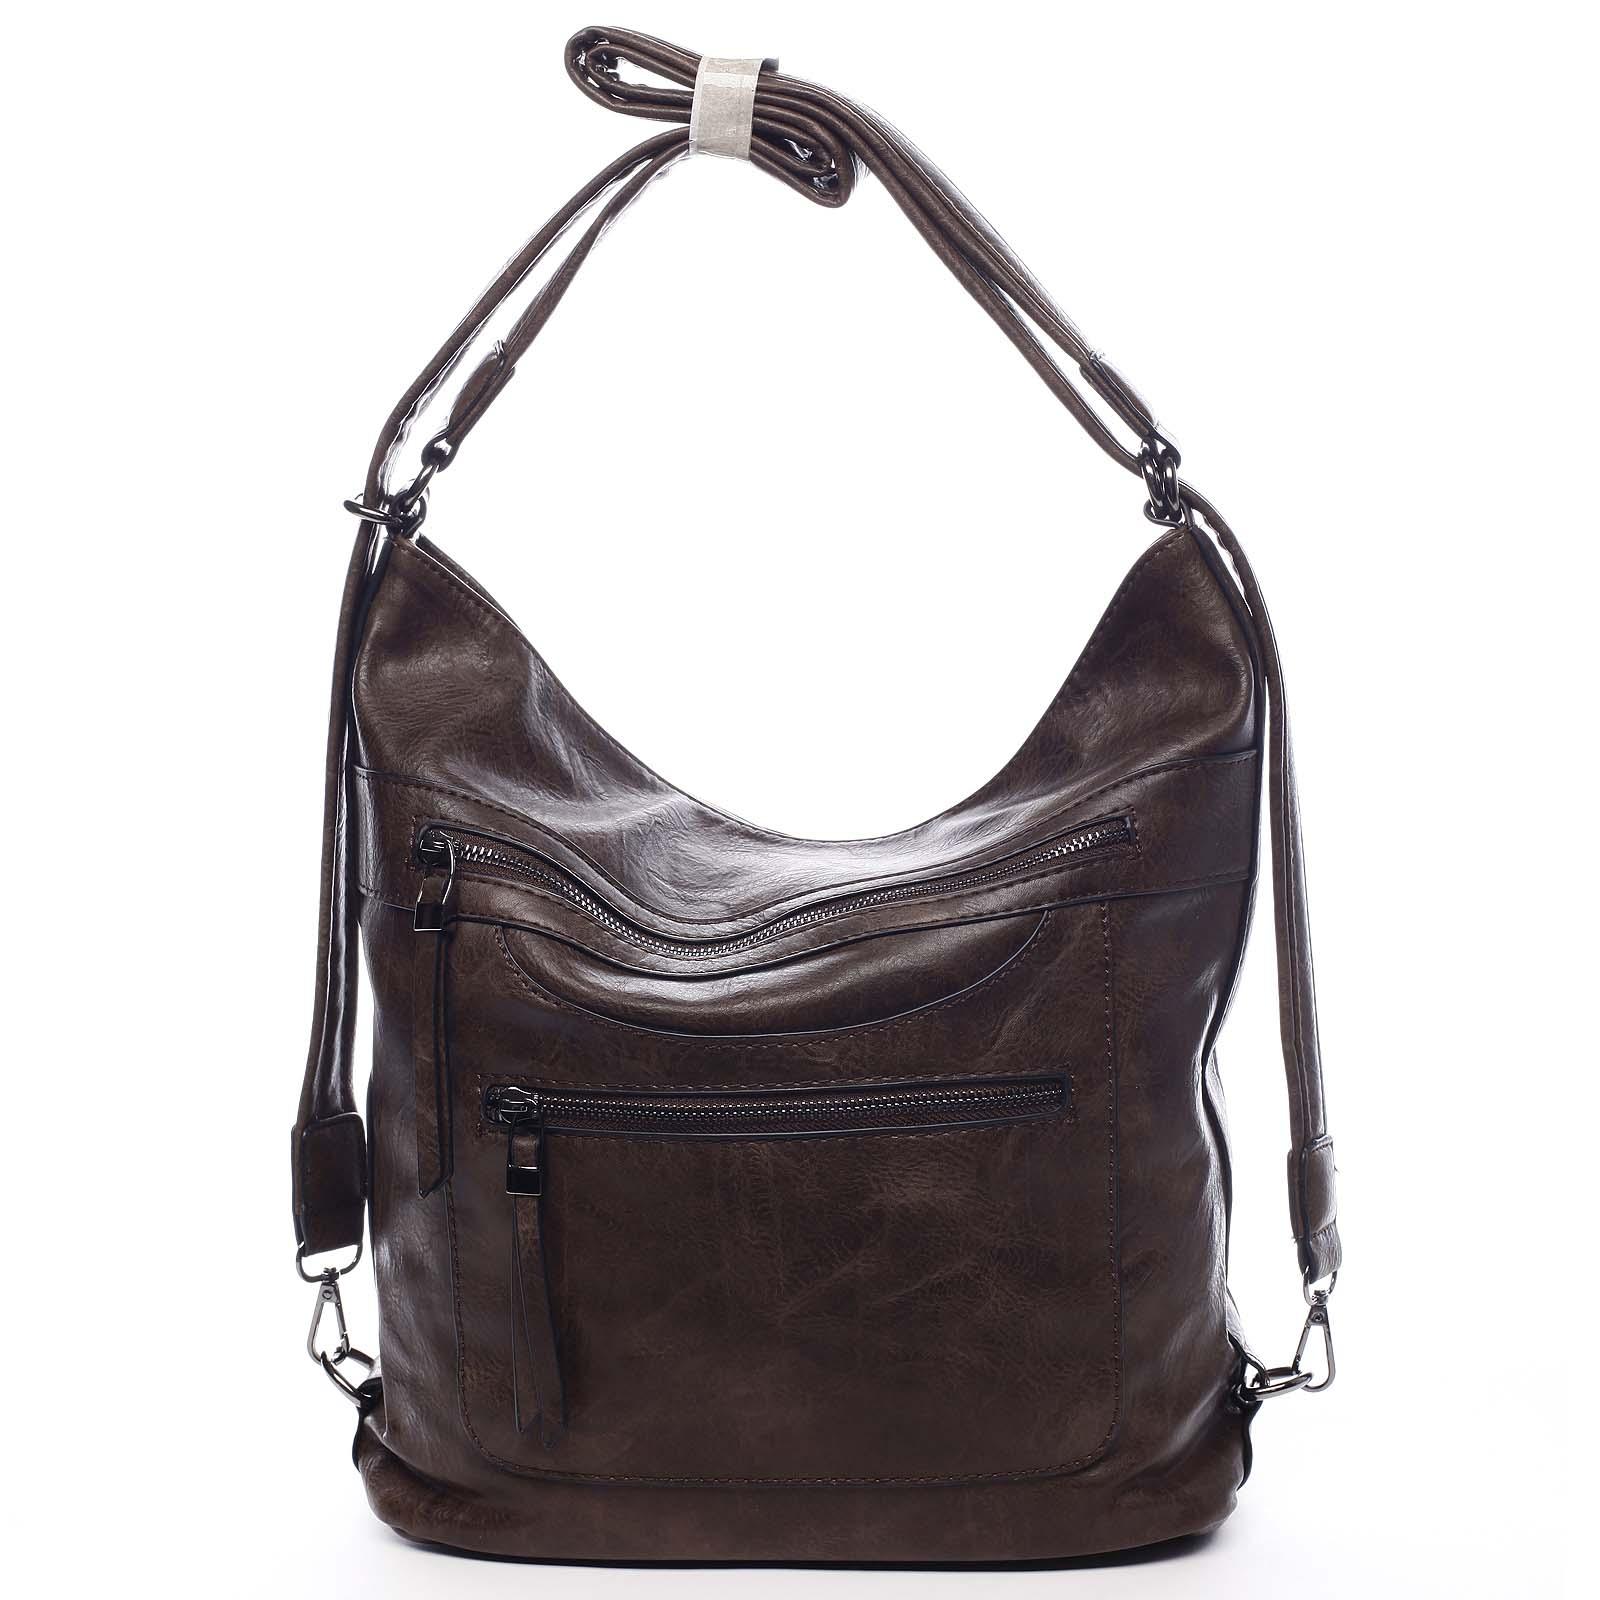 Dámská kabelka batoh kávově hnědá - Romina Pamila